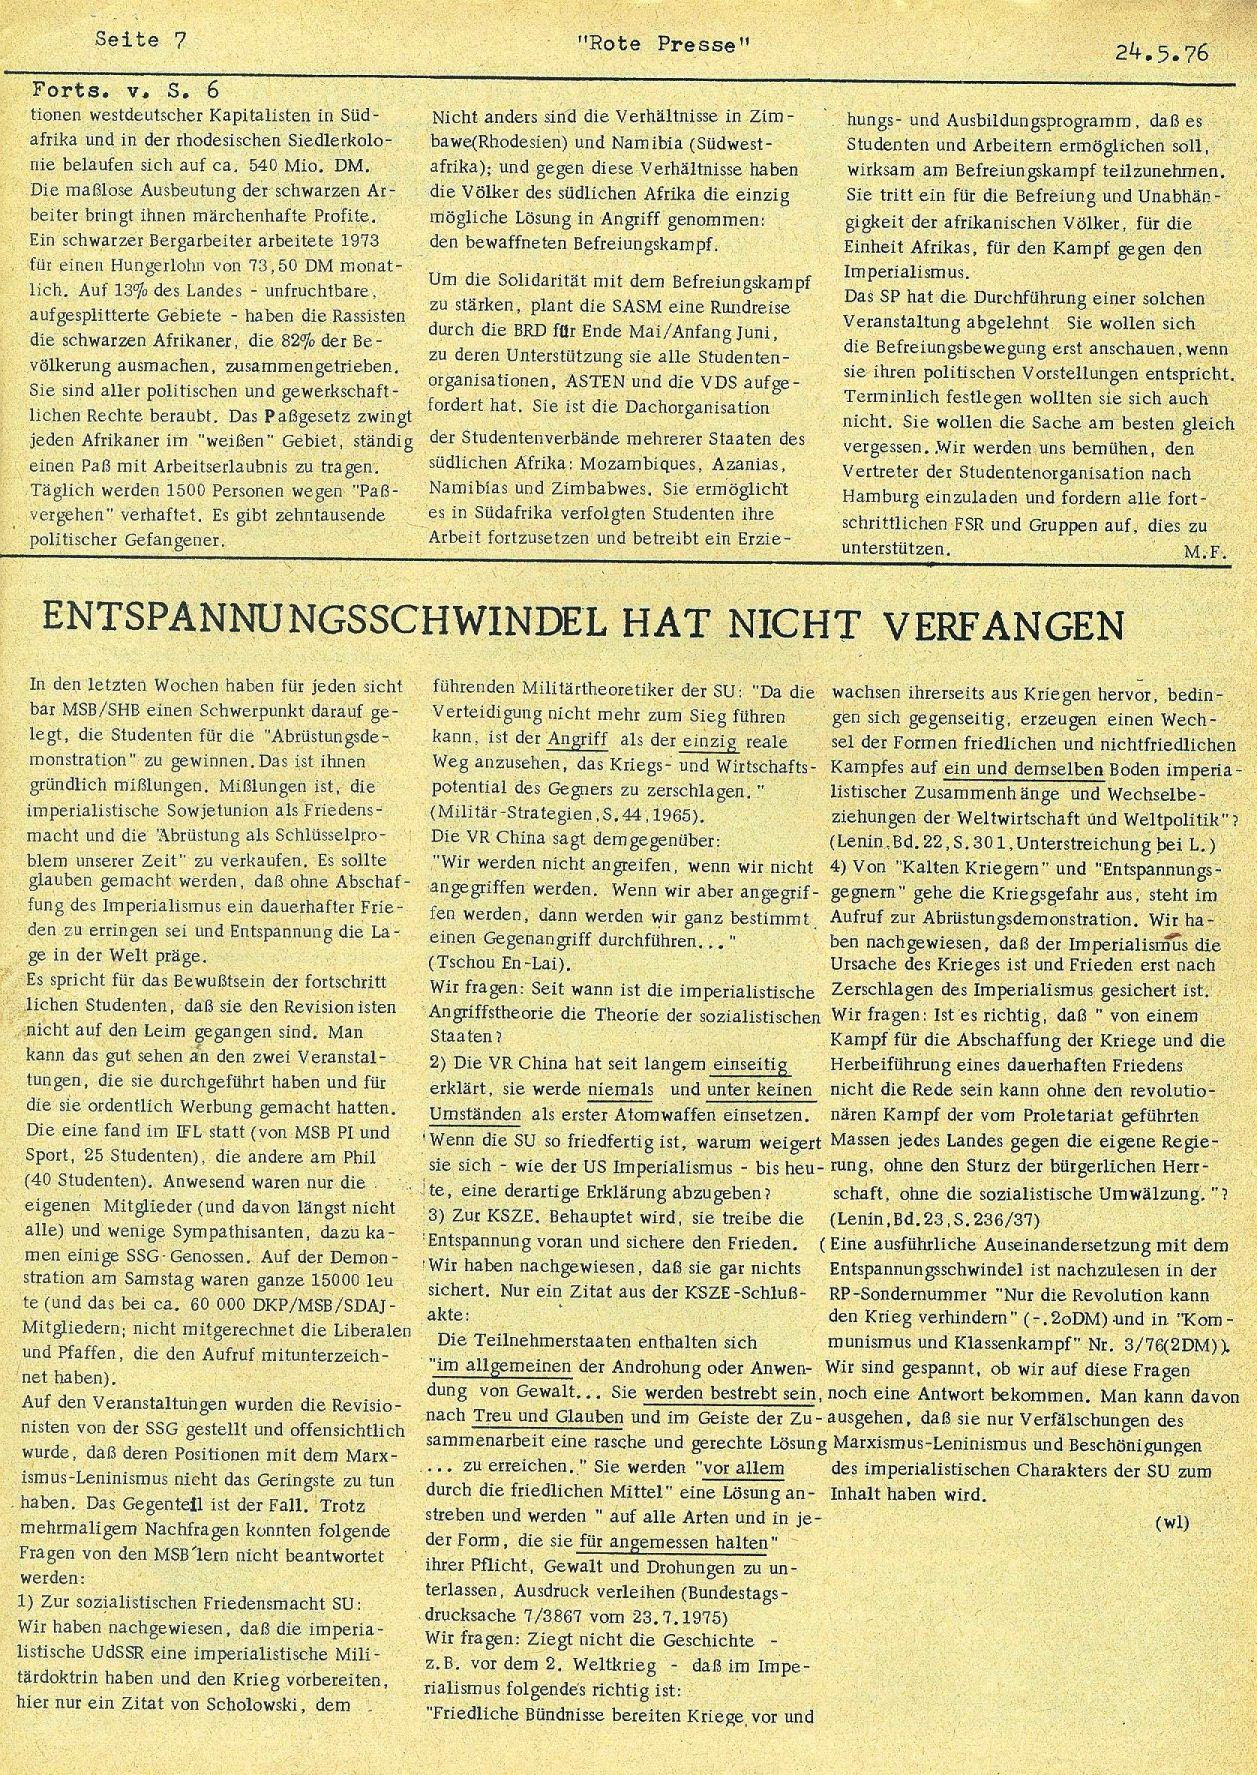 Hamburg_Rote_Presse711